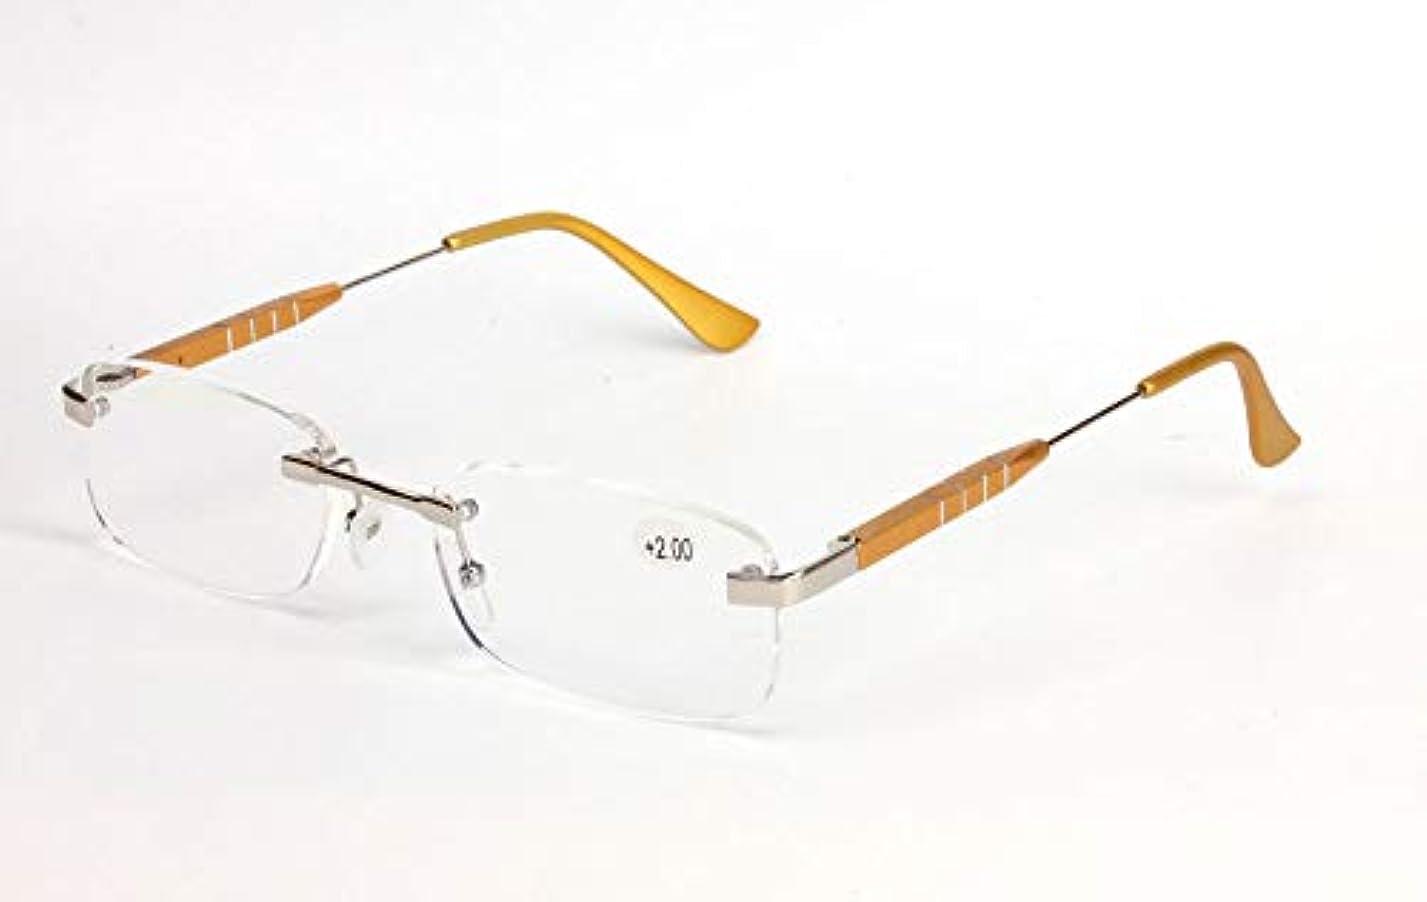 スキニーアクロバット歩道FidgetGear アルミフレームレス+1.0?+3.5軽量老眼鏡リーダークリアレンズ ゴールデン